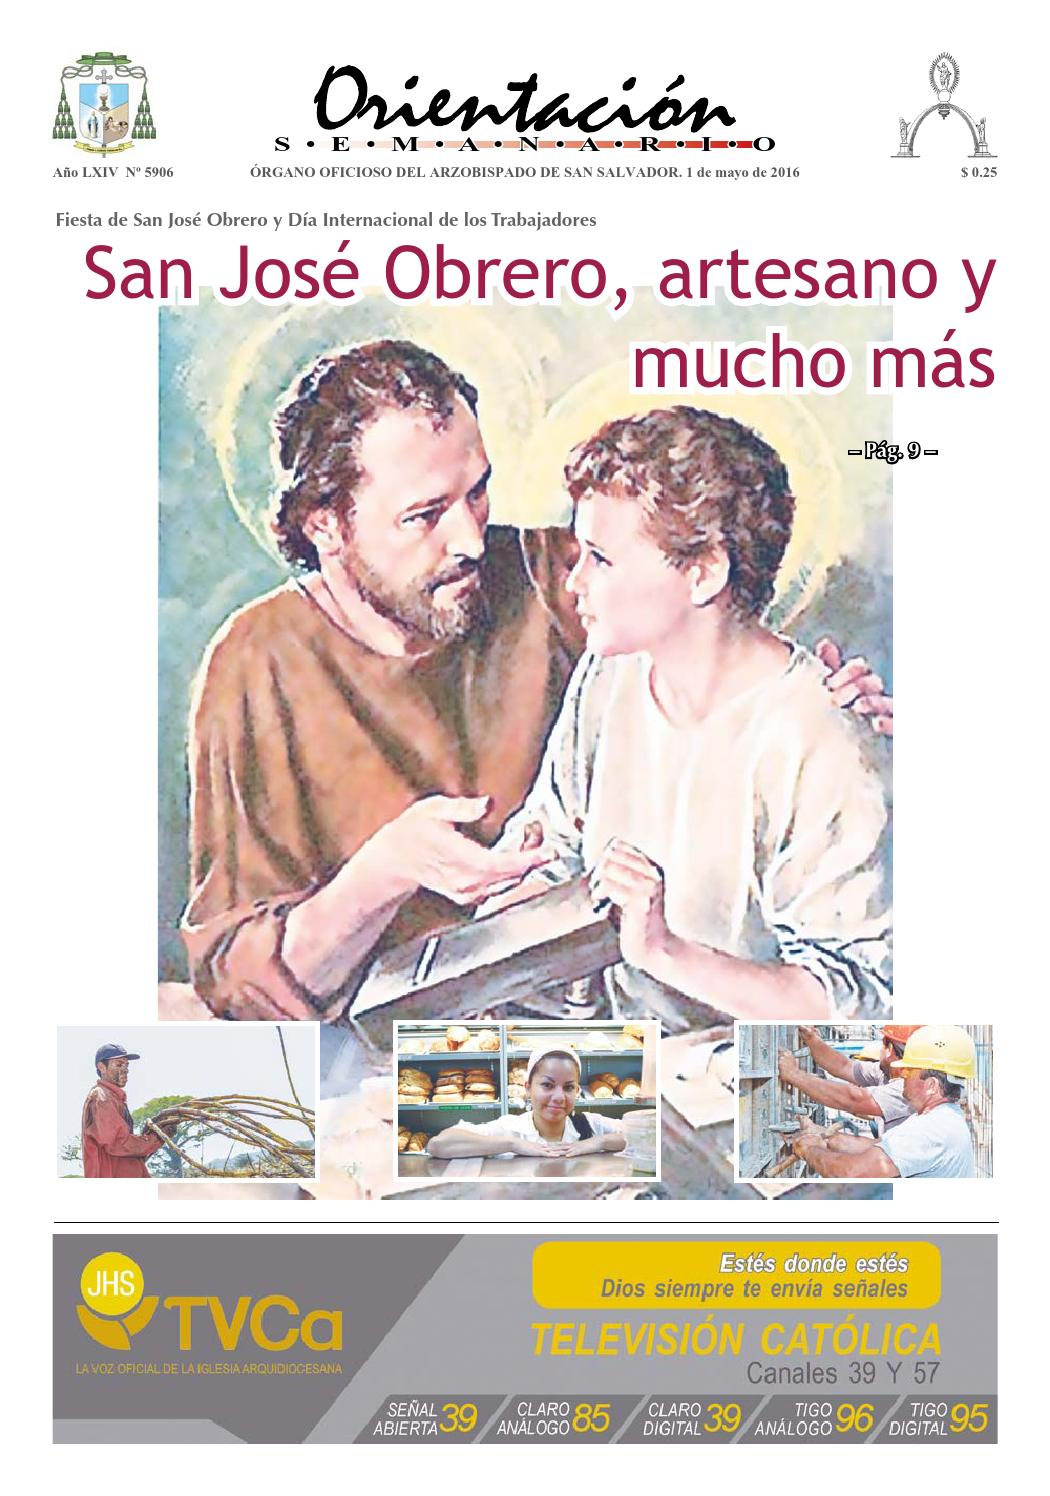 13627c77584a9 Orientación 1 mayo 2016 by Arzobispado de San Salvador - issuu